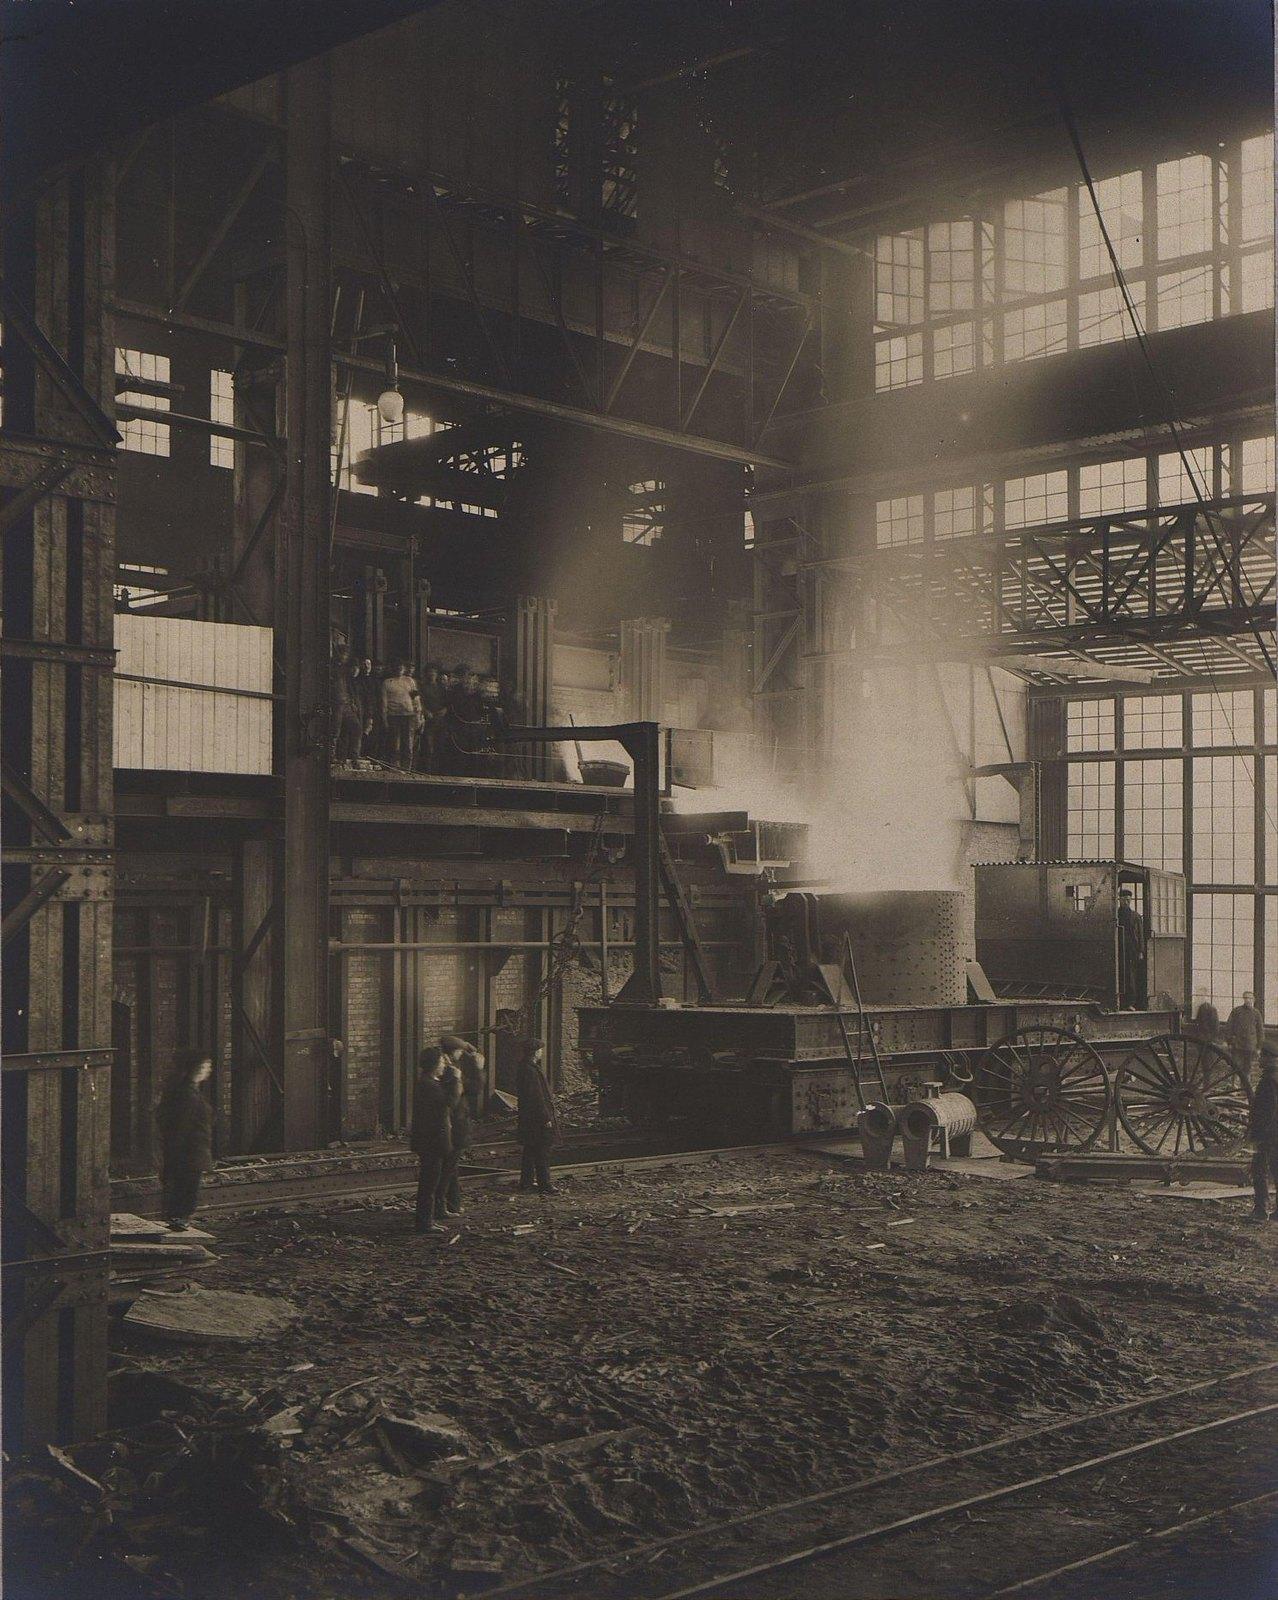 Мартеновская мастерская. 40-тонная печь и ковш с электрической передвижной тележкой